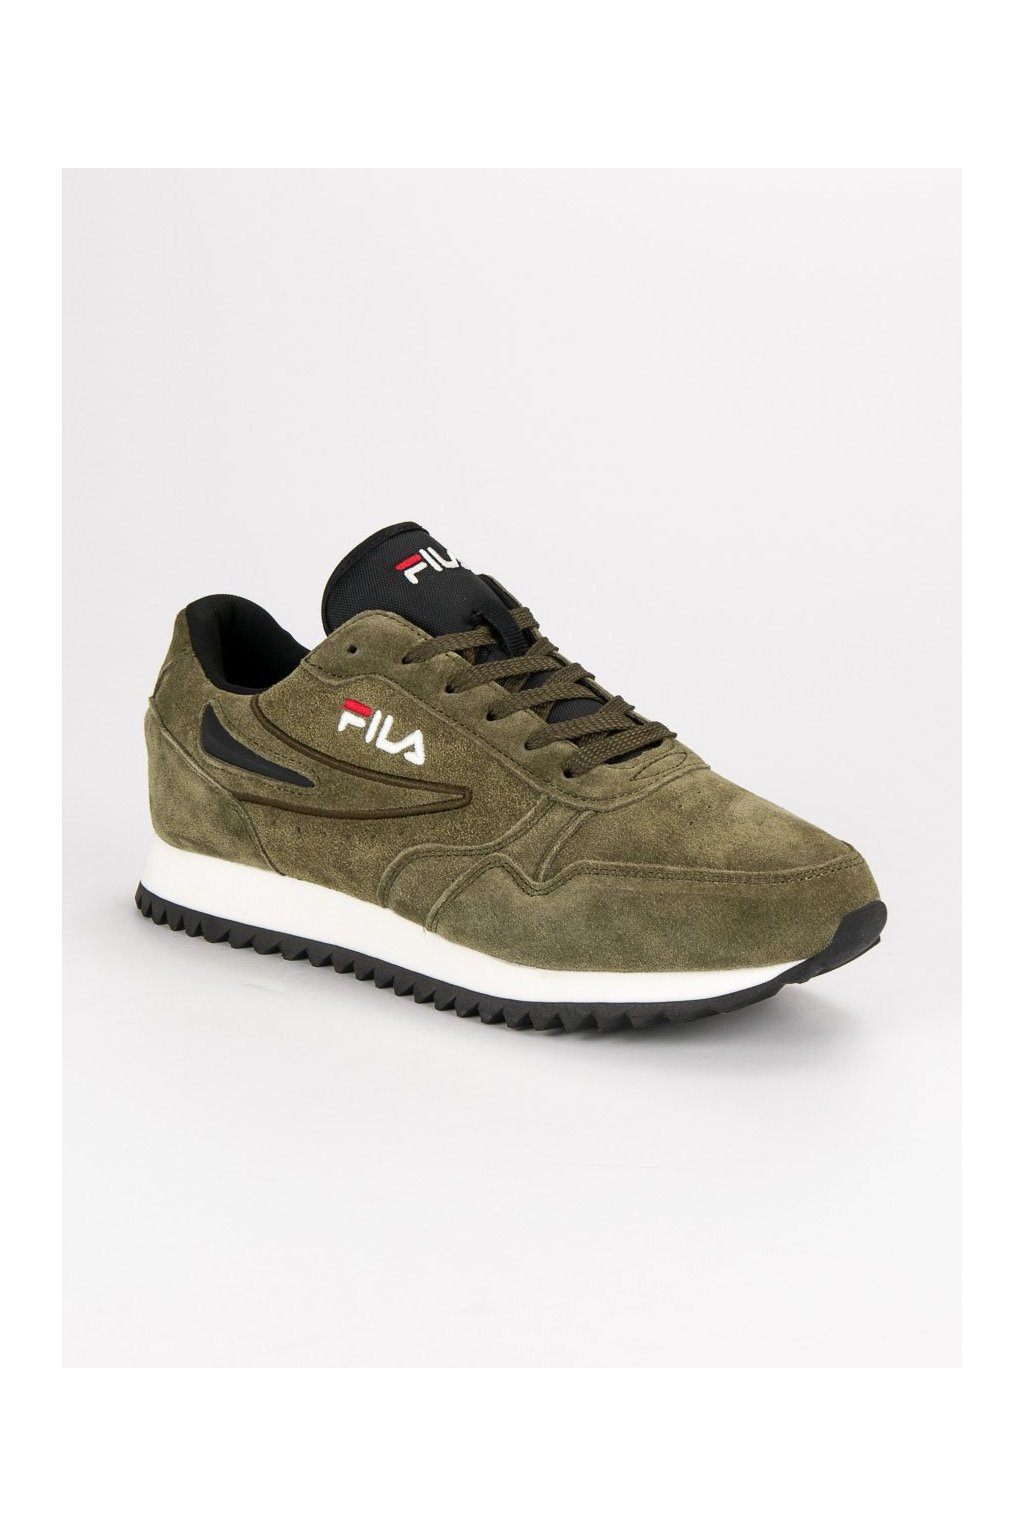 Zelené pánske športové topánky - Fila kod 101041350K-OL